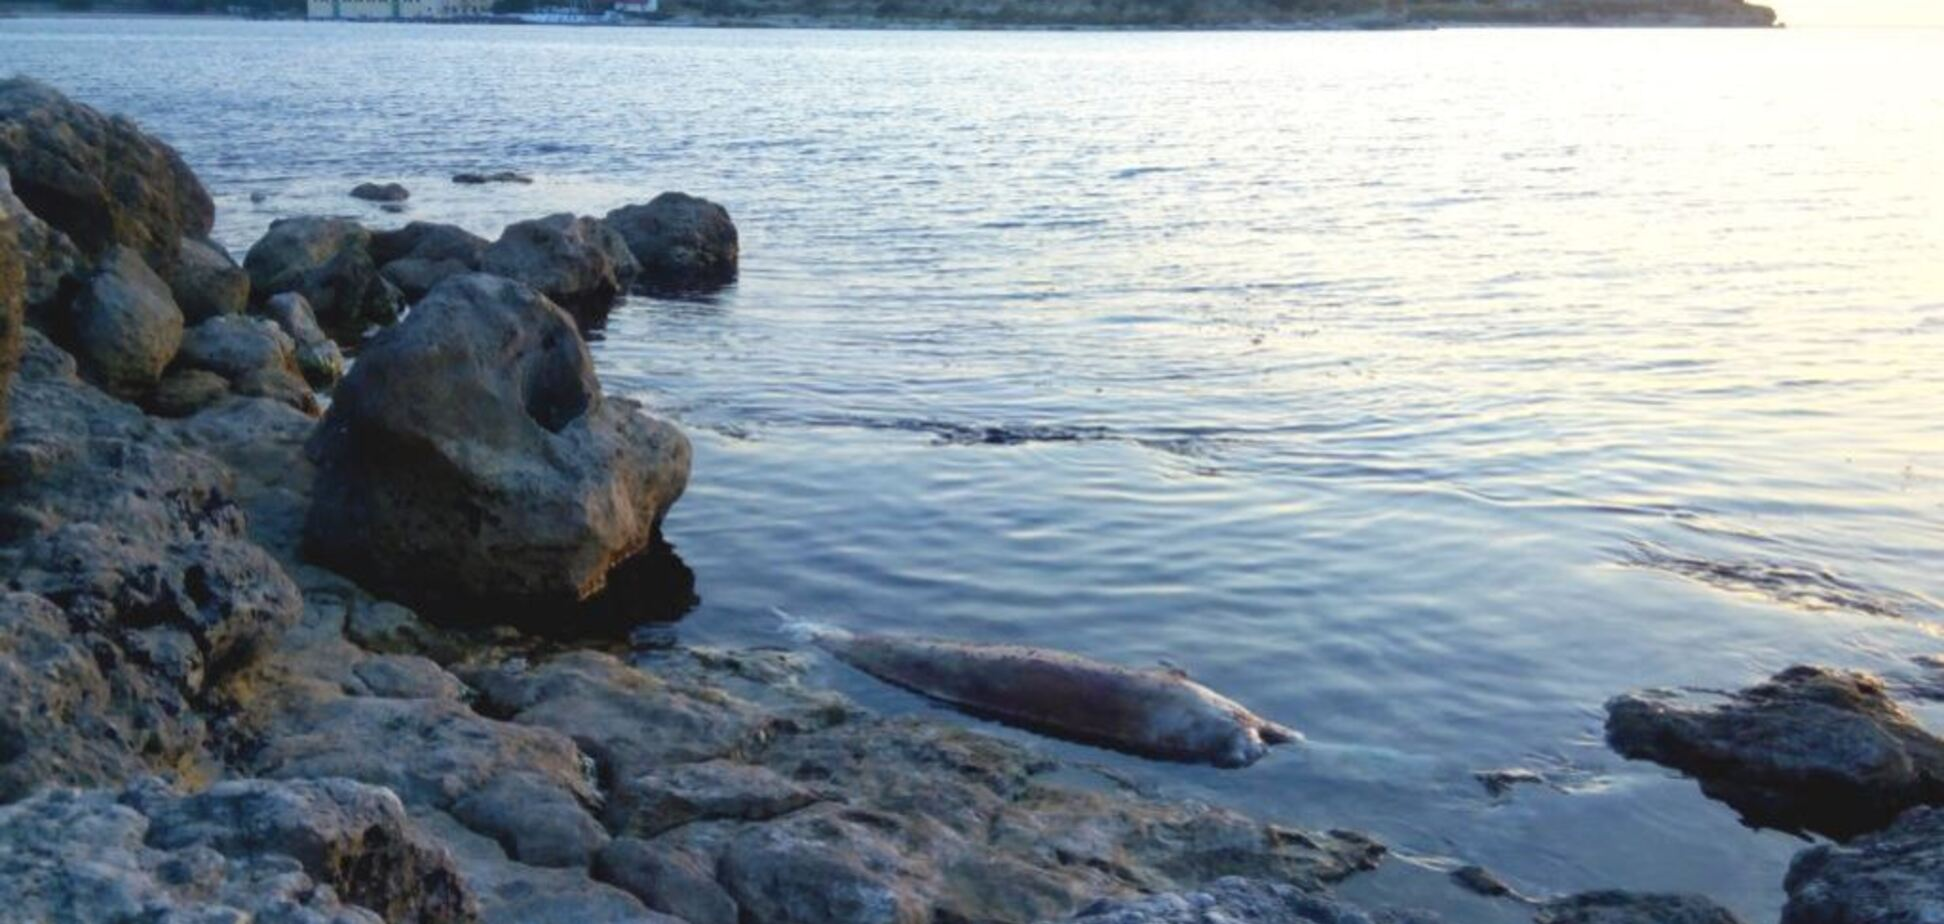 Новая катастрофа? В Крыму на берег массово выбросились дельфины